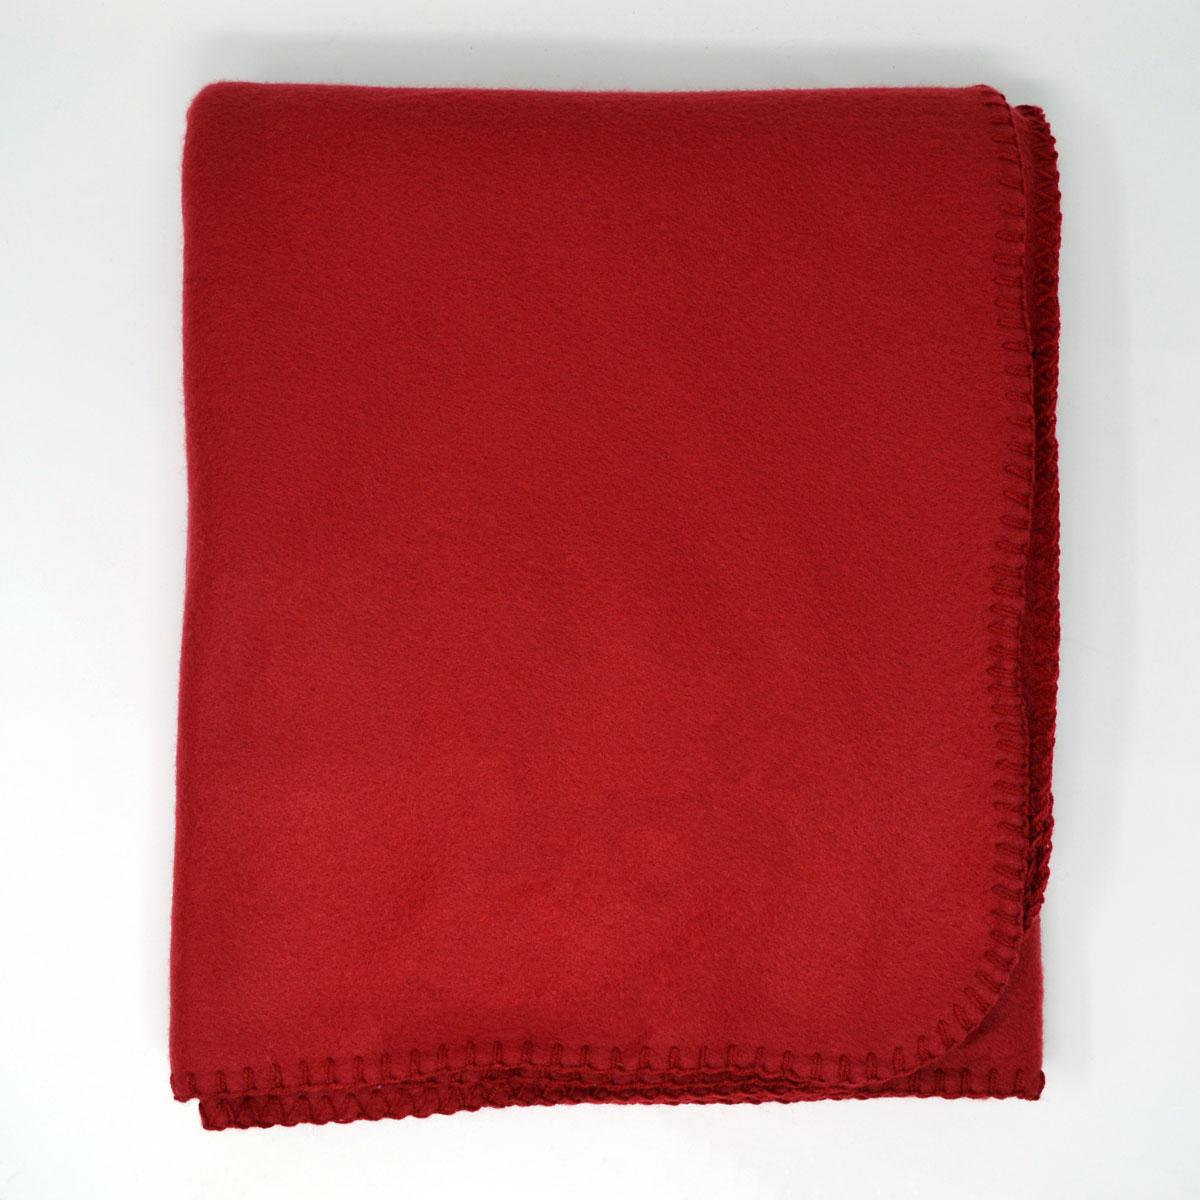 FleecePro-Red-Blank